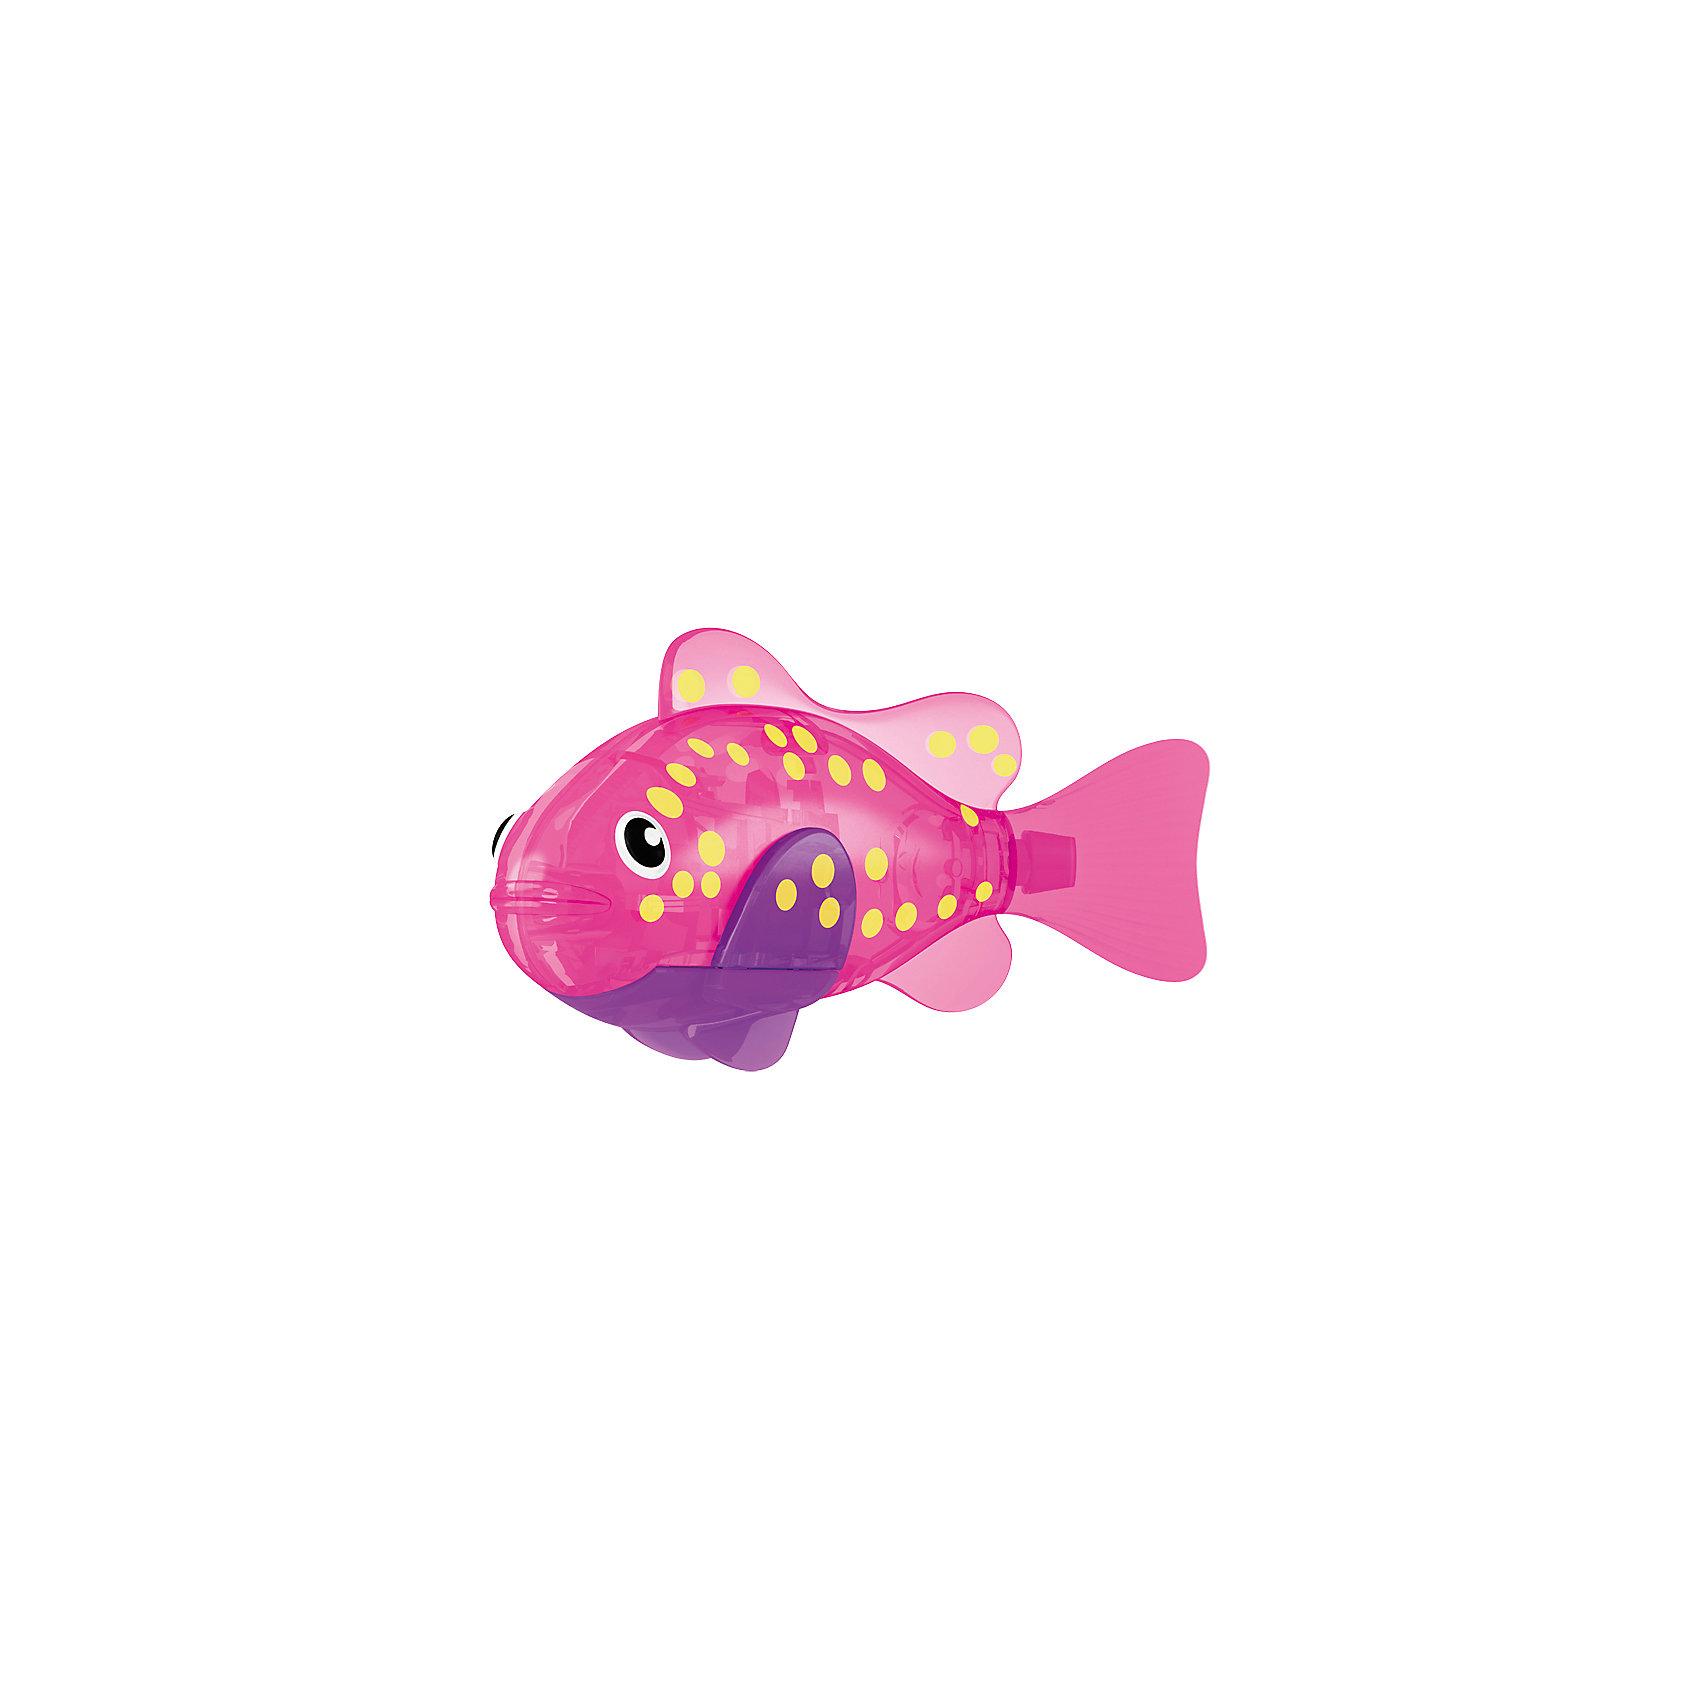 ZURU РобоРыбка светодиодная Вспышка, RoboFish роборыбка zuru клоун 2501 4